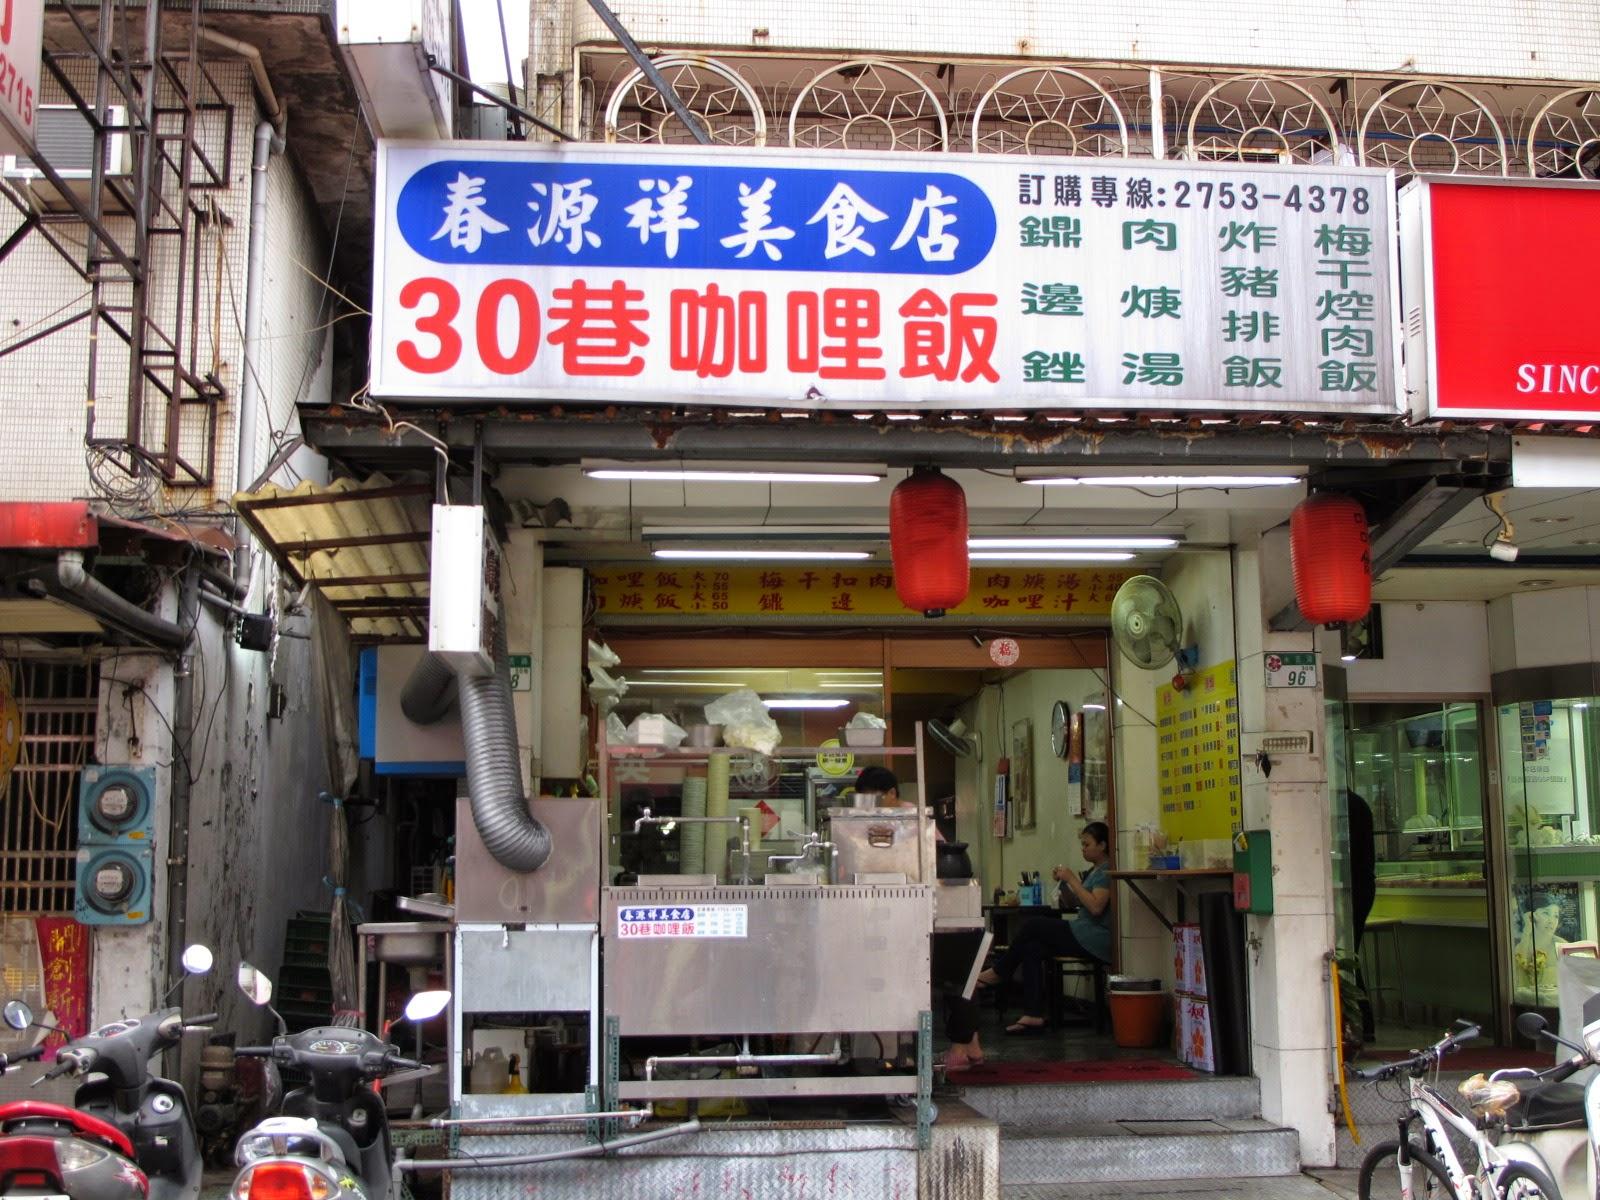 有著香濃古早味的~30巷咖哩飯(臺北市信義區) @ MyMenu辦公室午餐下午茶第一站 :: 痞客邦